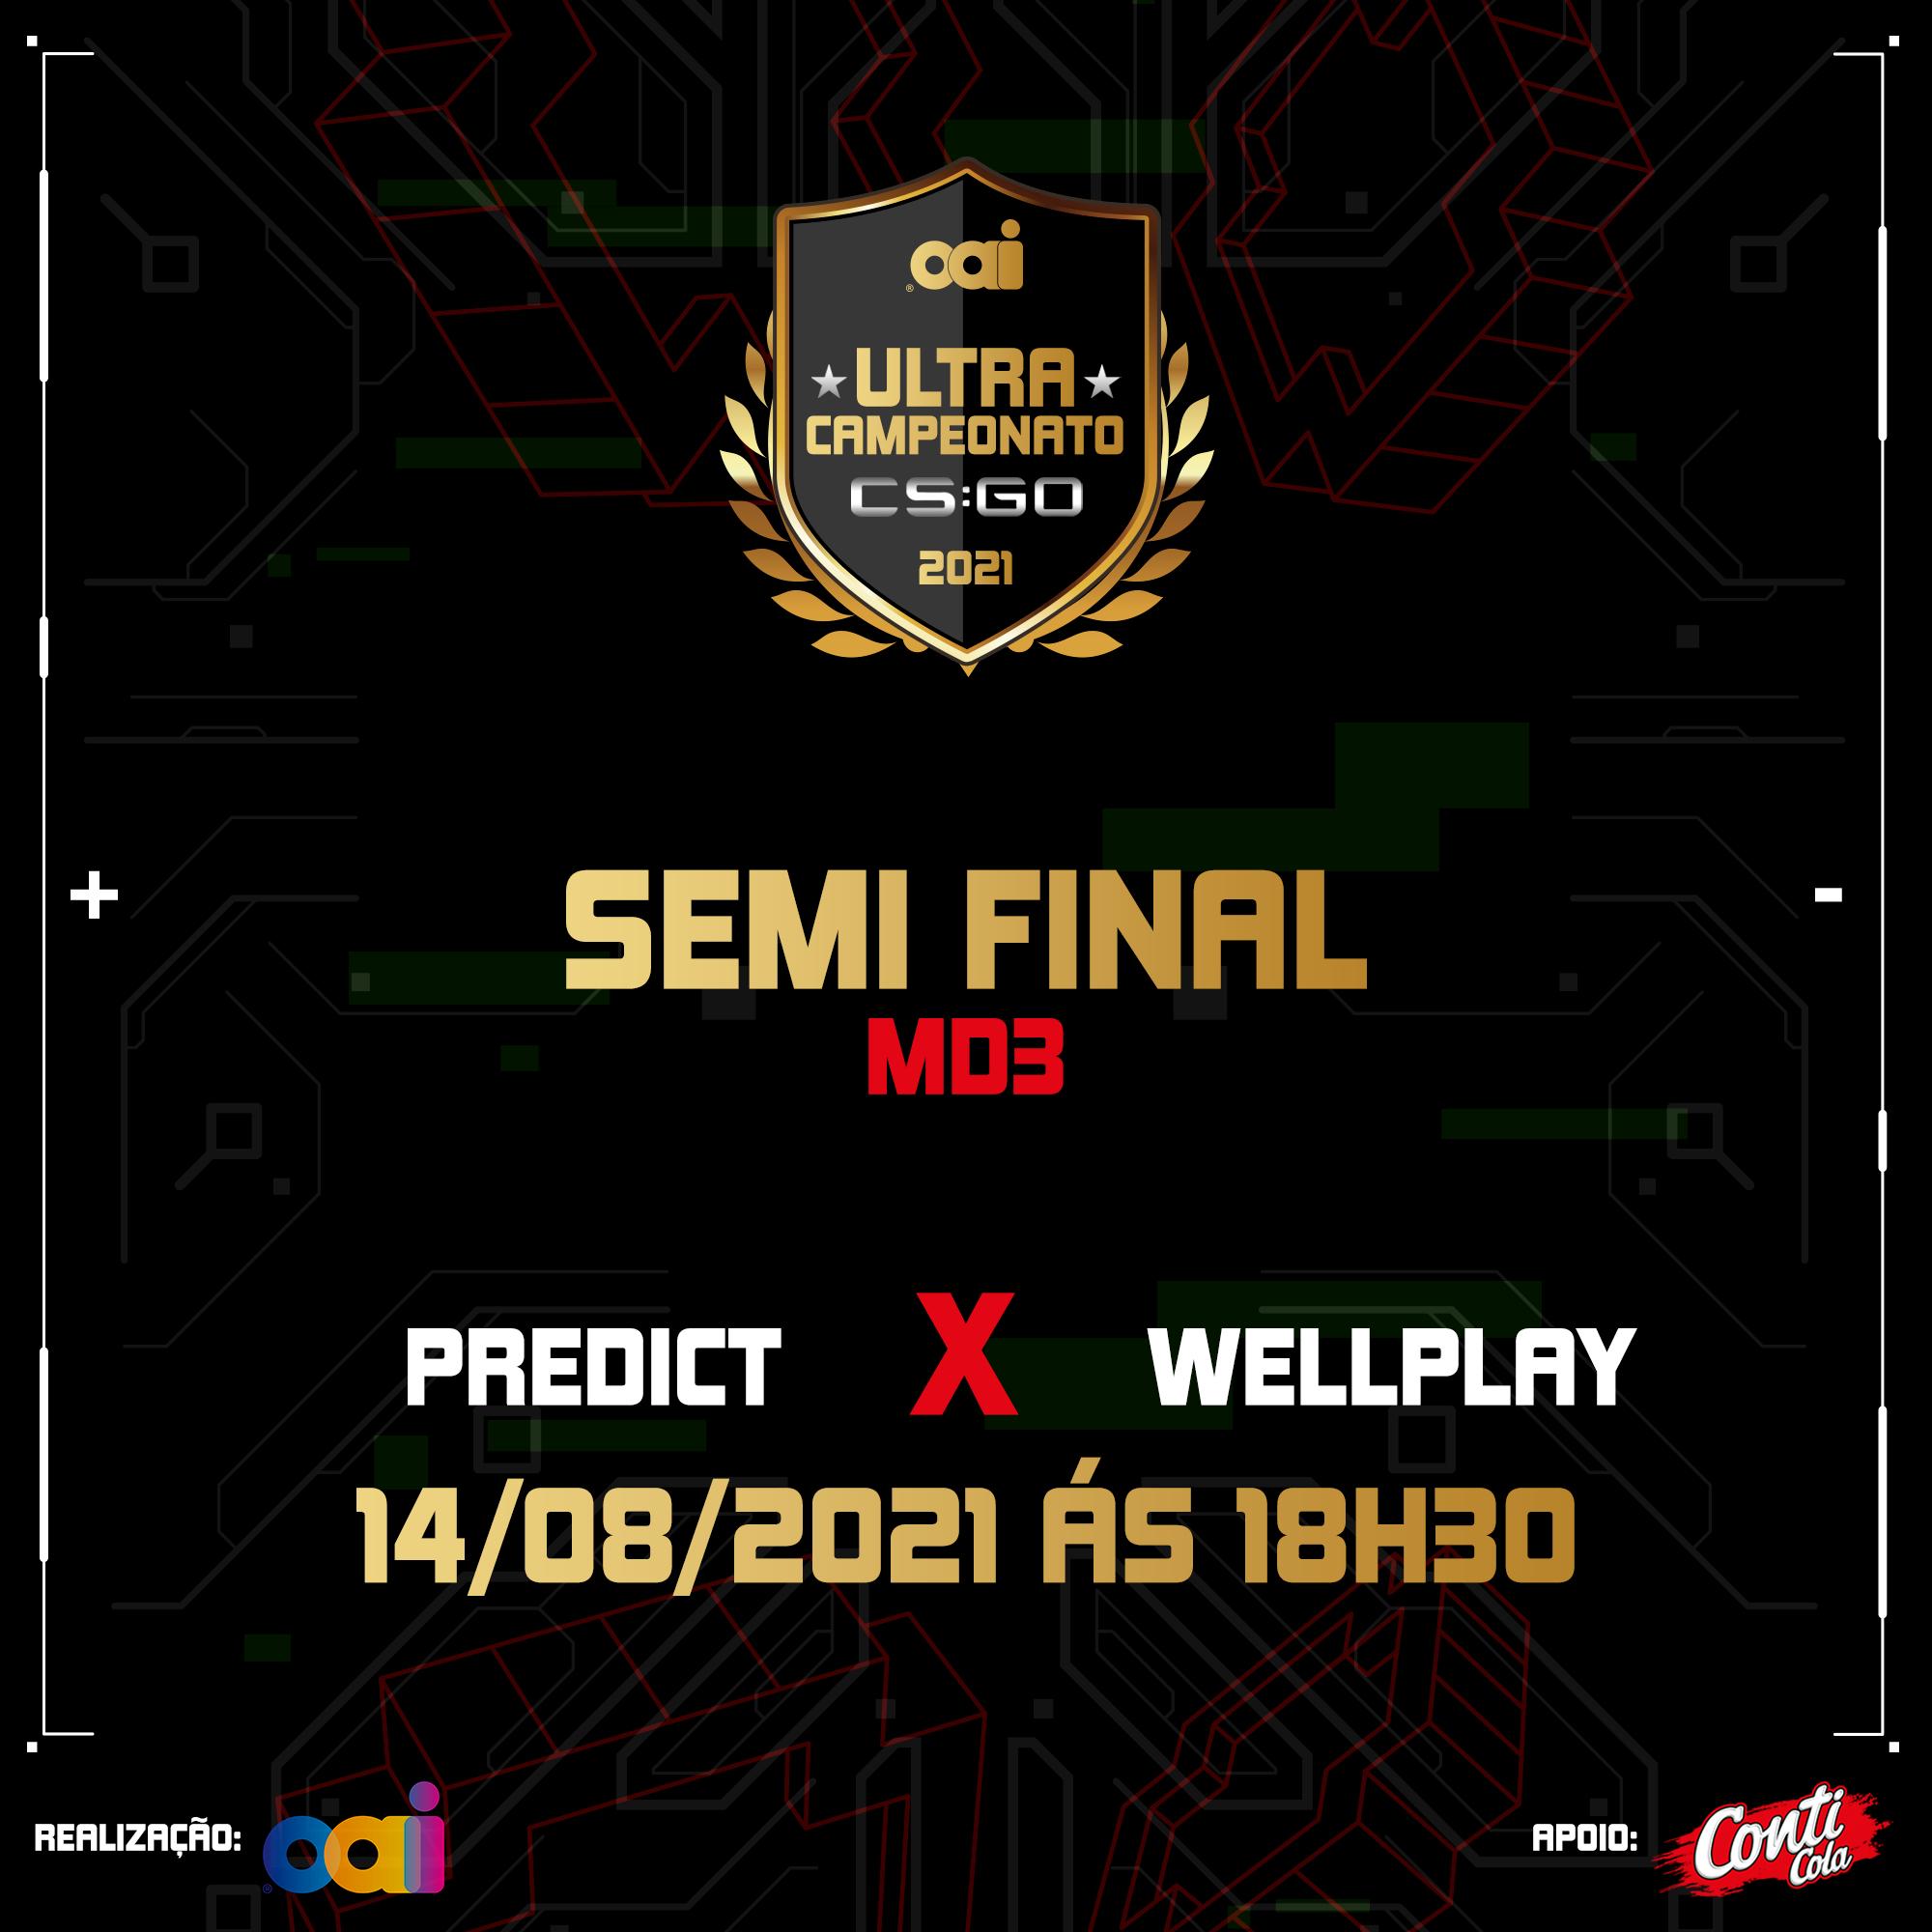 Etapa 1 da semifinal acontece no dia 14 de agosto